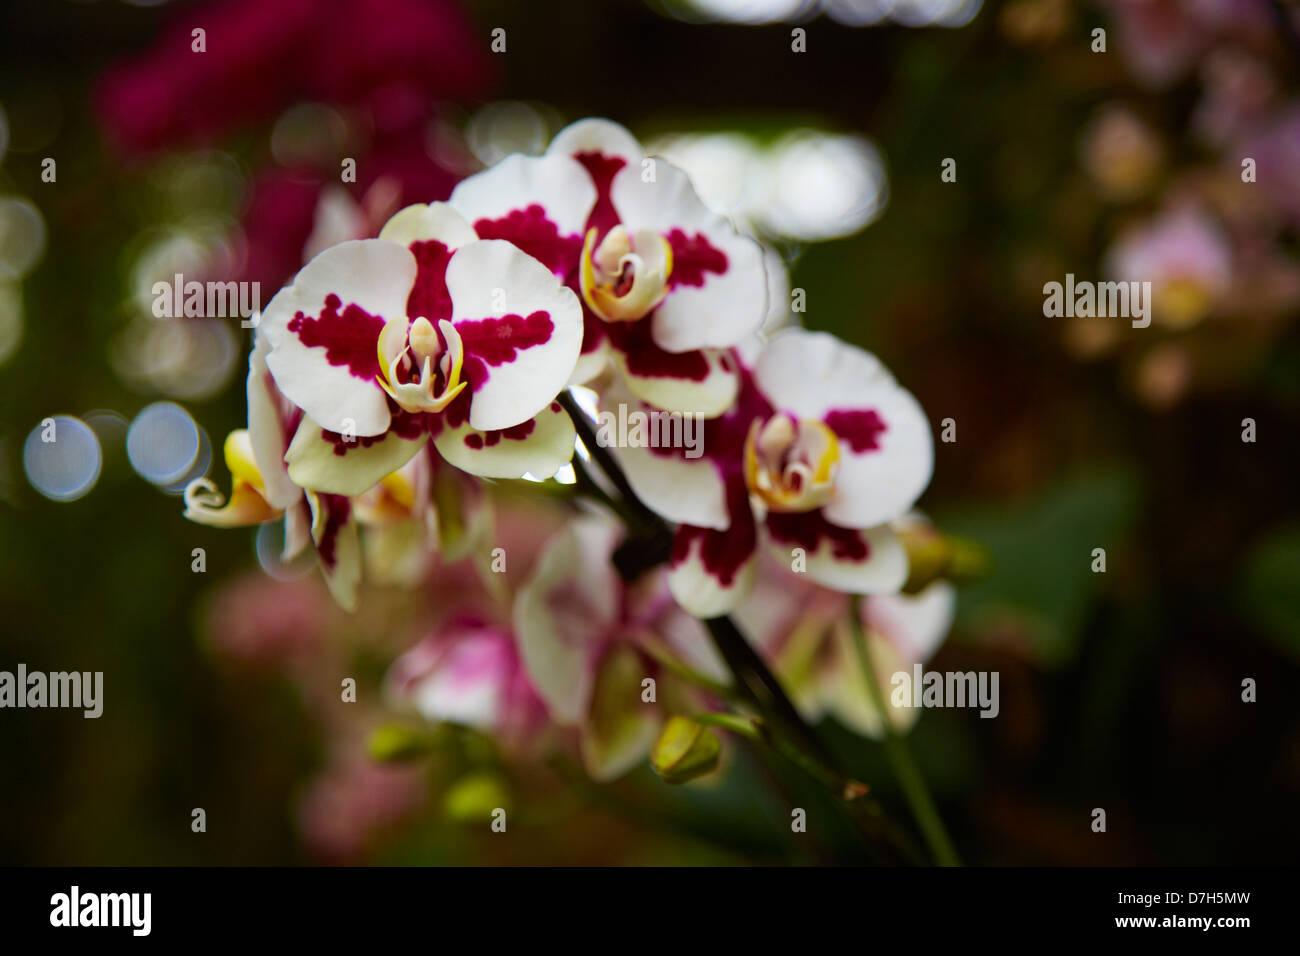 Leidenschaftlich - Zweig Burgund Orchidee Blume closeup Stockbild